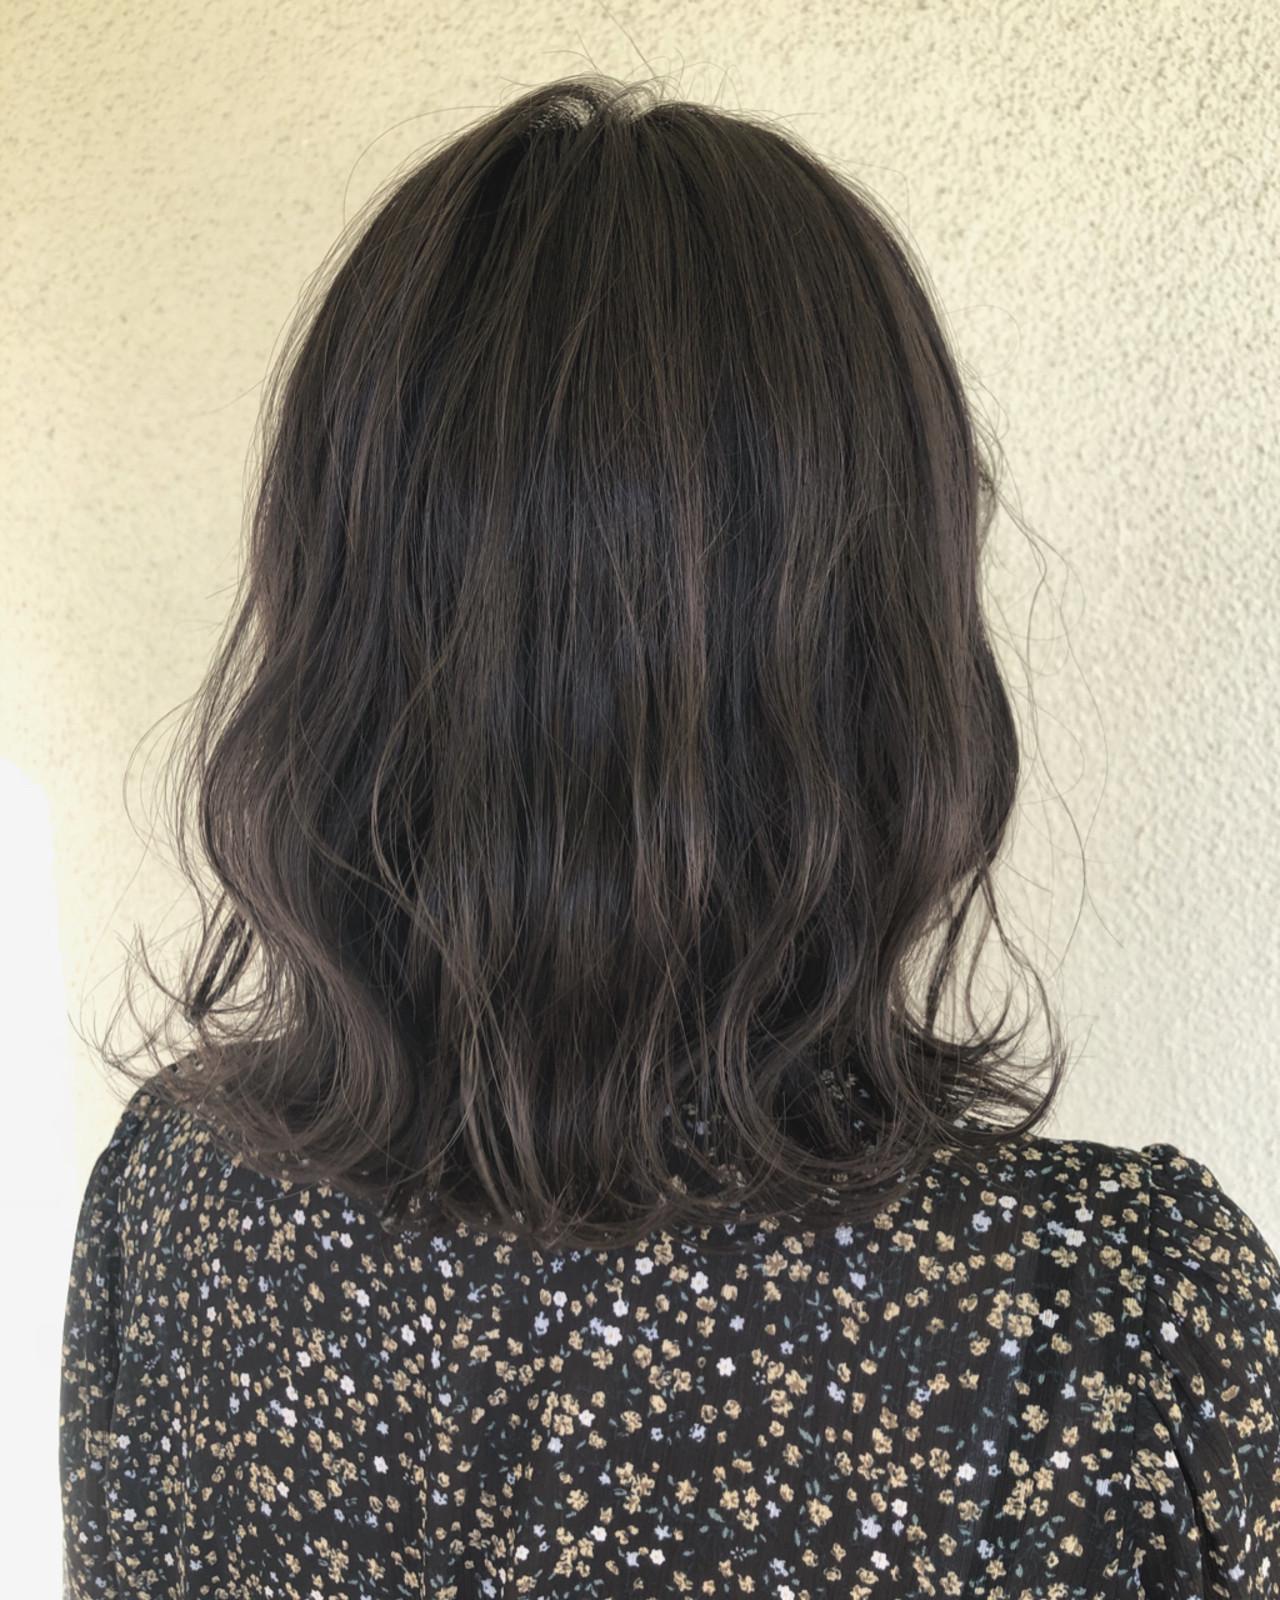 プラスハイライトのグレージュアッシュヘア♡ TAKE